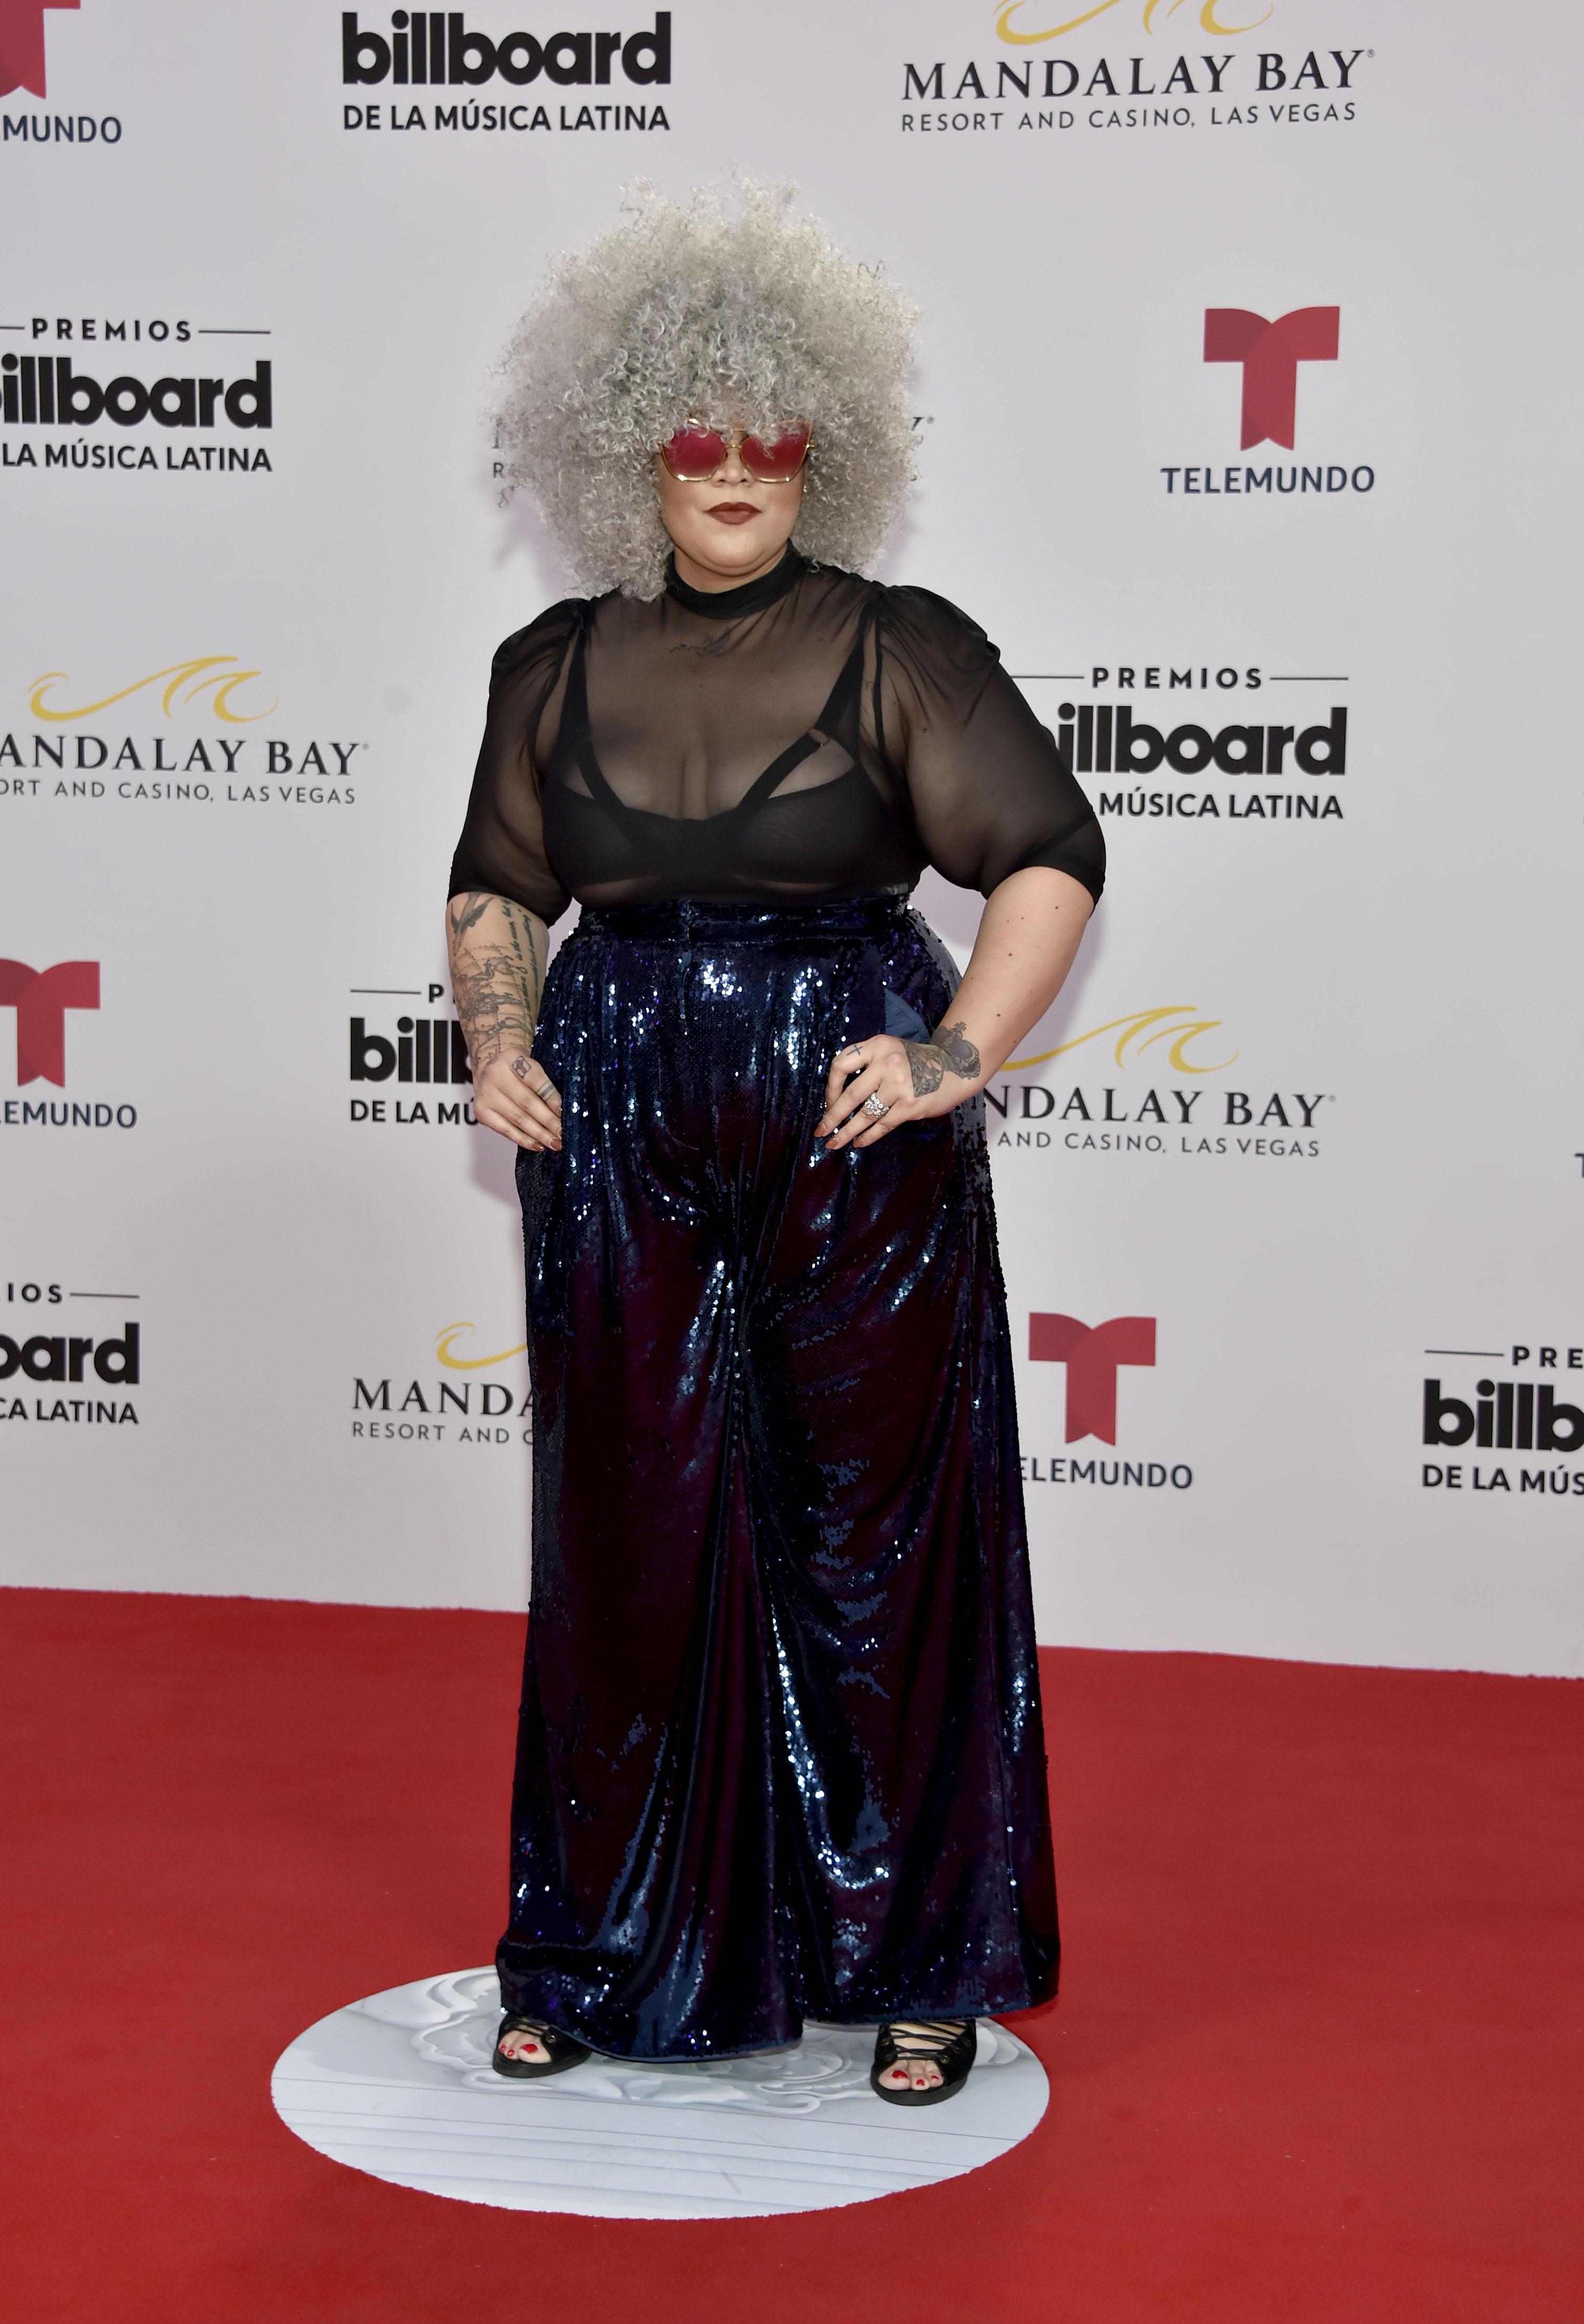 [FOTOS] Premios Billboard de la Música Latina 2019: Peores looks de la alfombra, Mari Burell